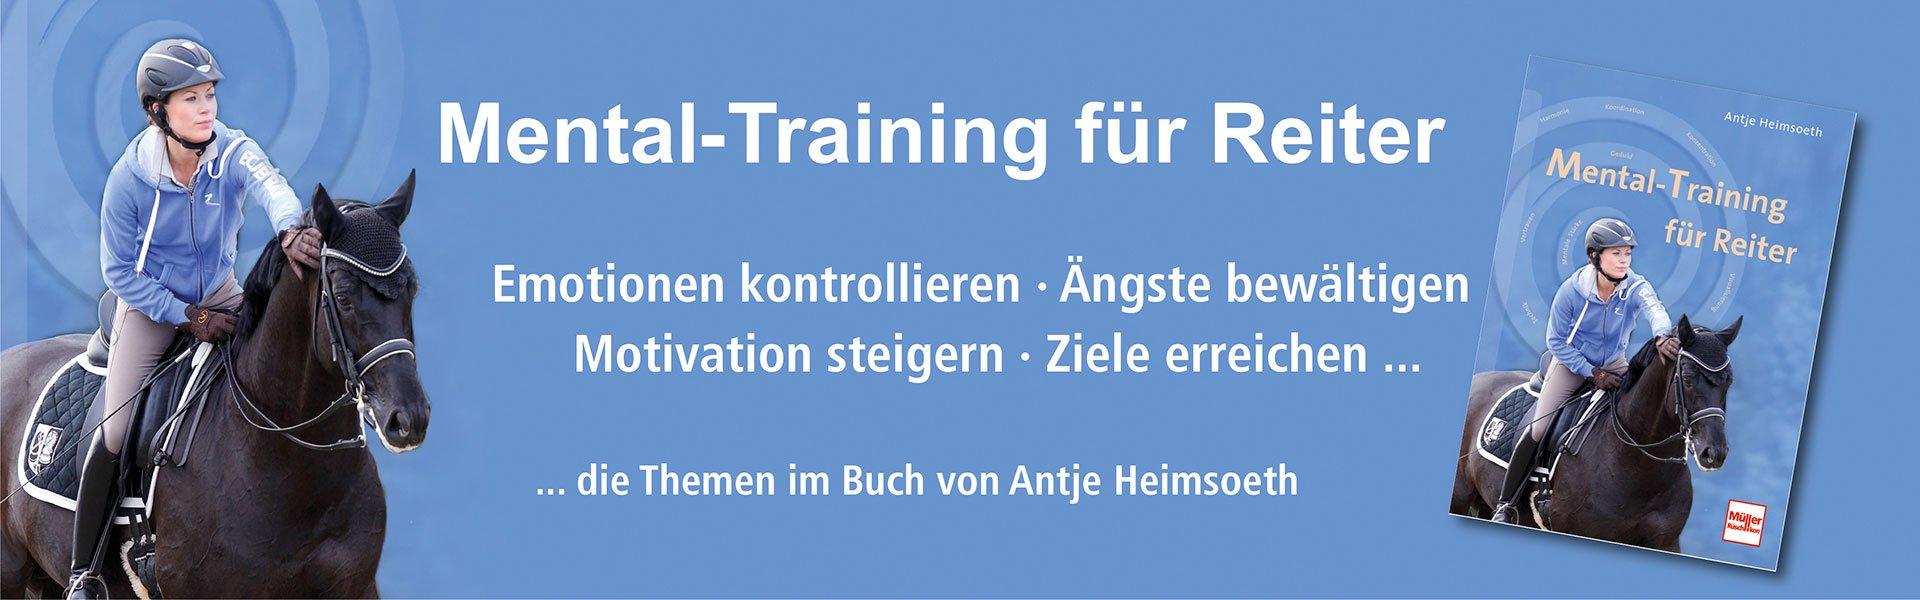 Mental-Training für Reiter von Antje Heimsoeth – mit Selbstvertrauen reiten